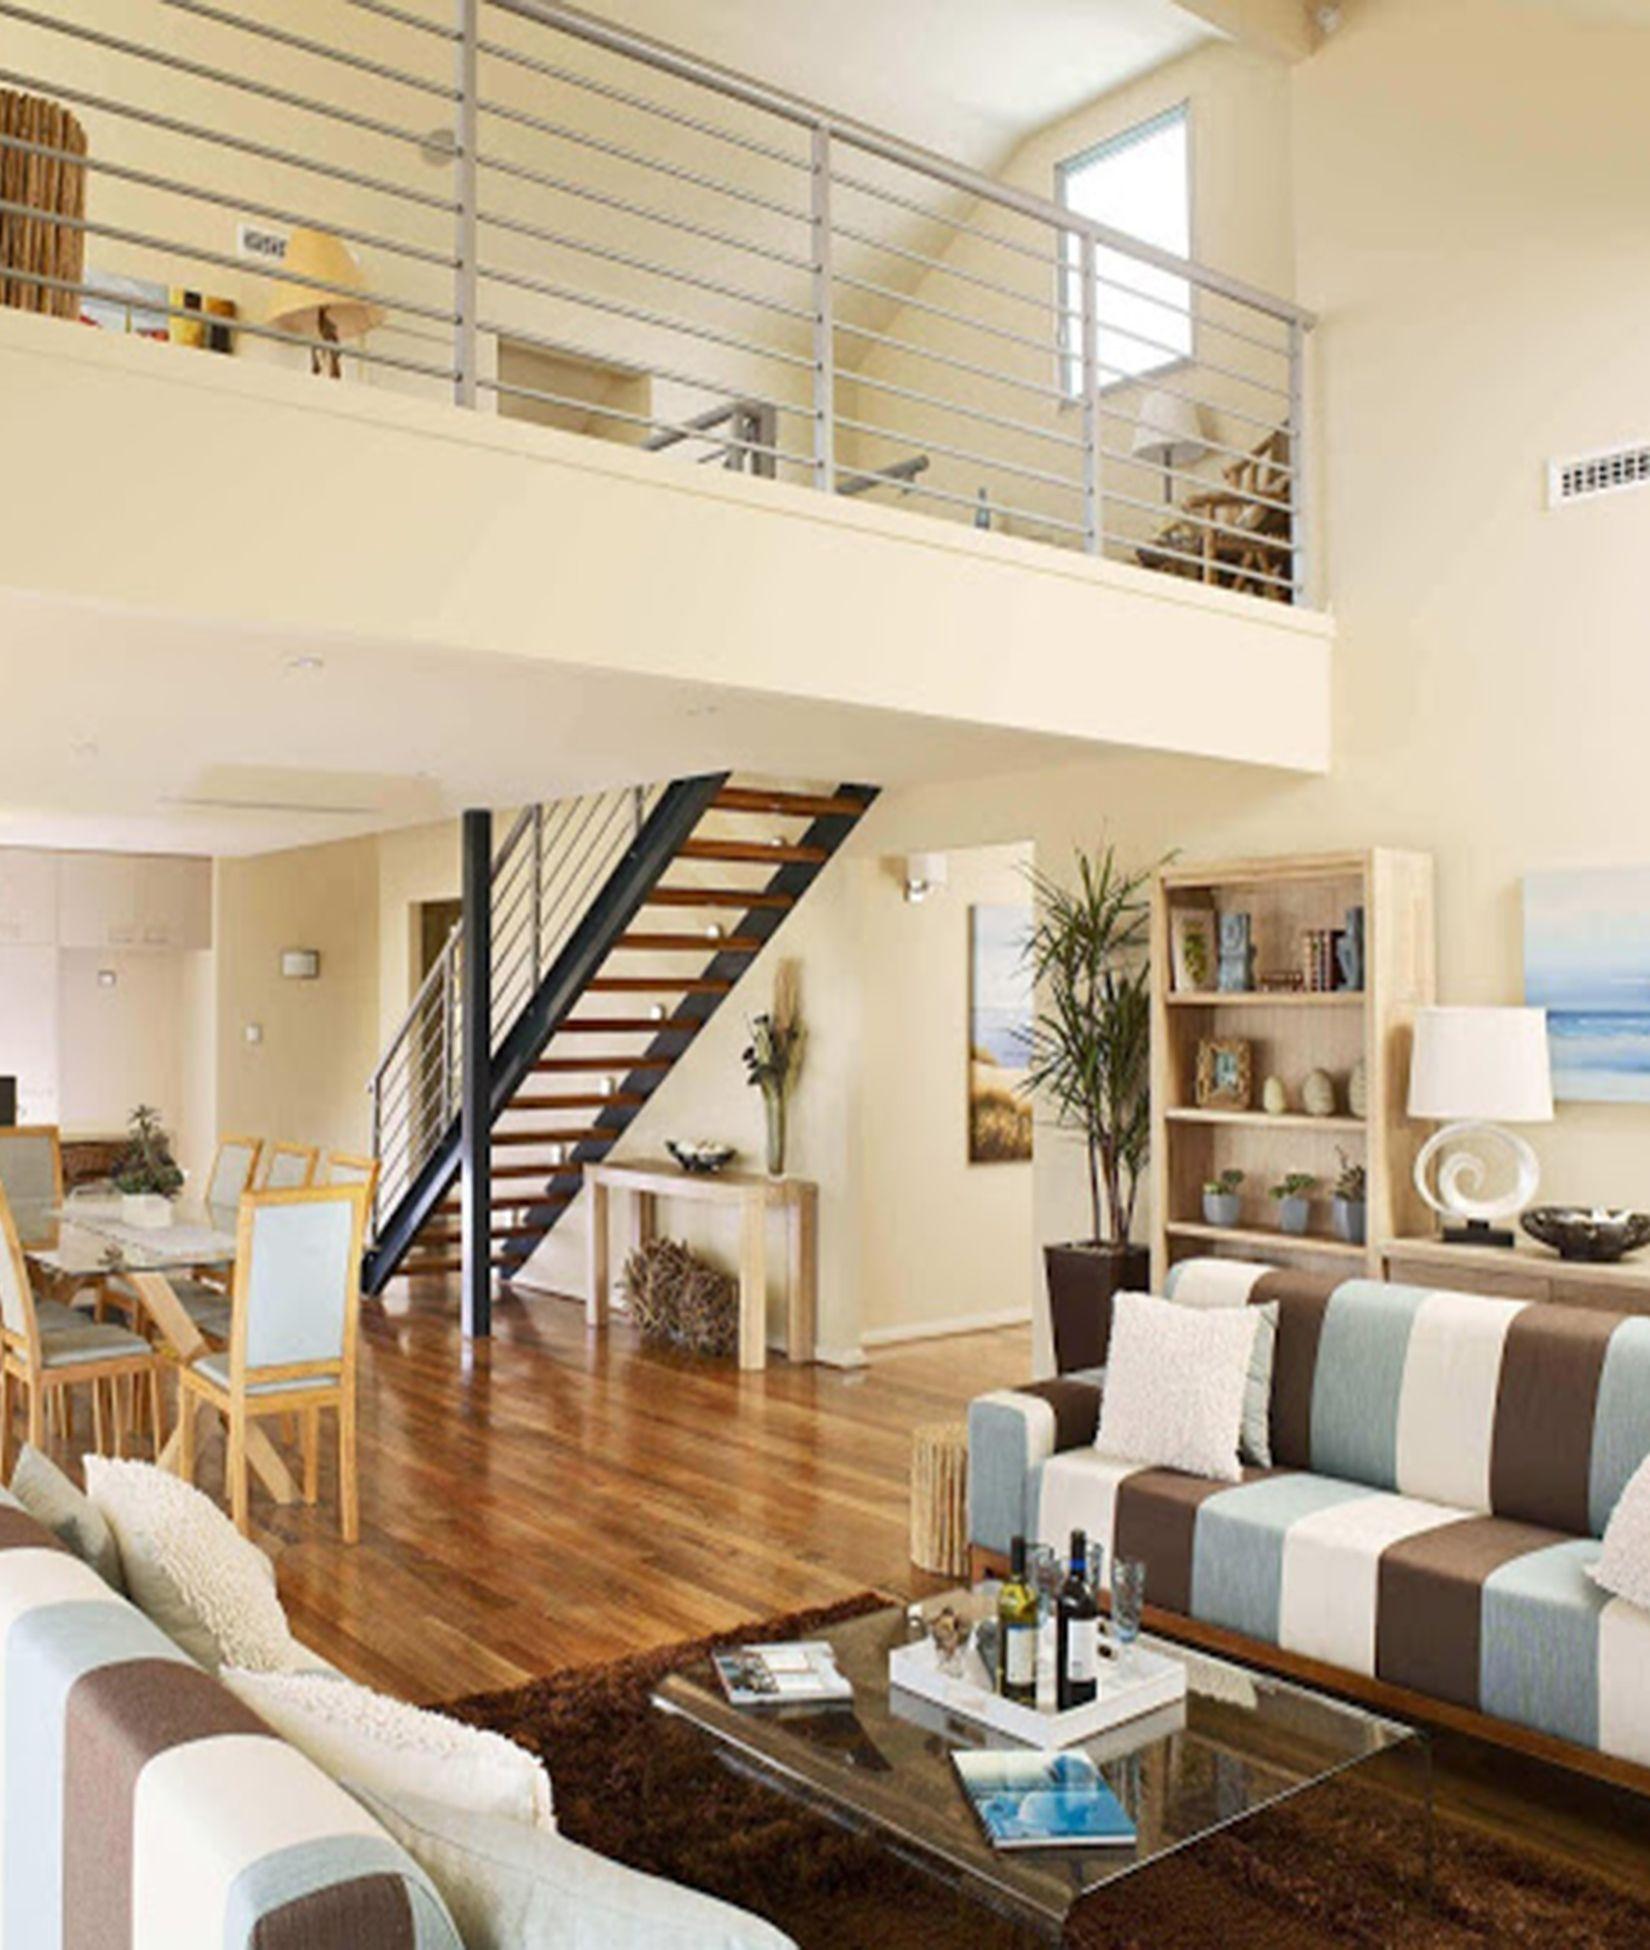 Home Tour Loft House Loft House Design Loft Style Homes Loft House